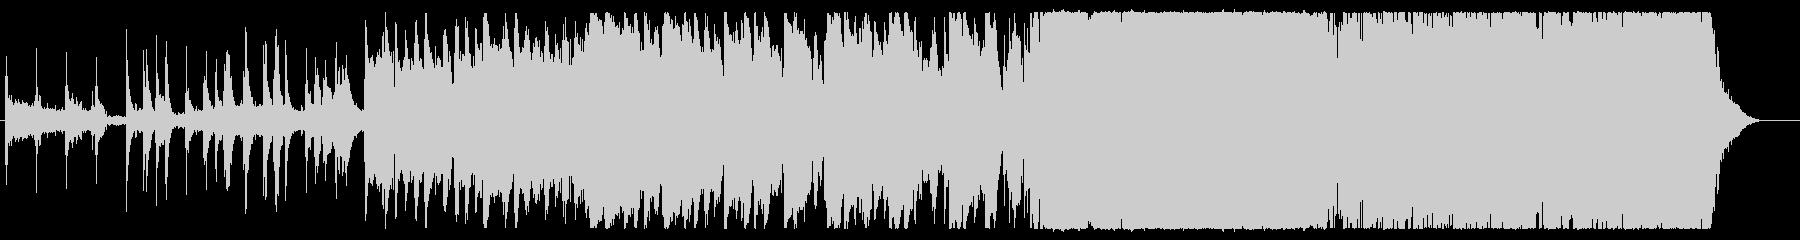 近未来的な3拍子の和風HIPHOPの未再生の波形